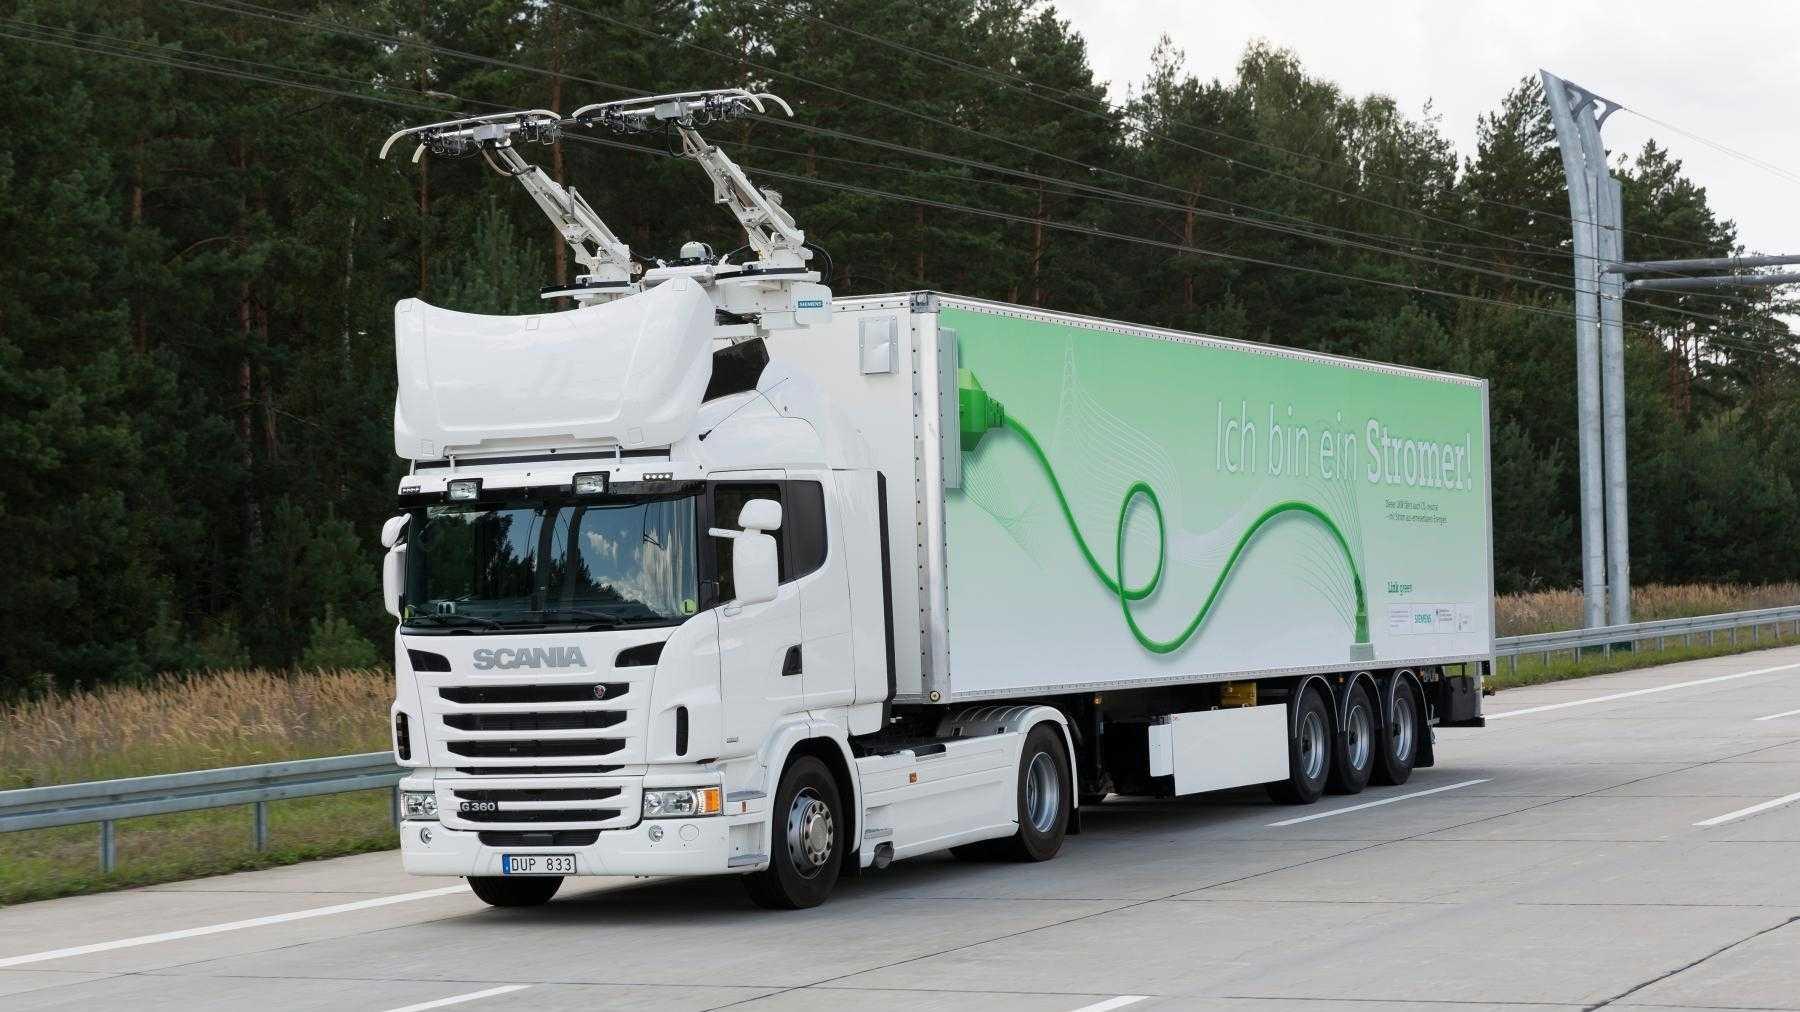 Teststrecke für Elektro-LKW in Schleswig-Holstein